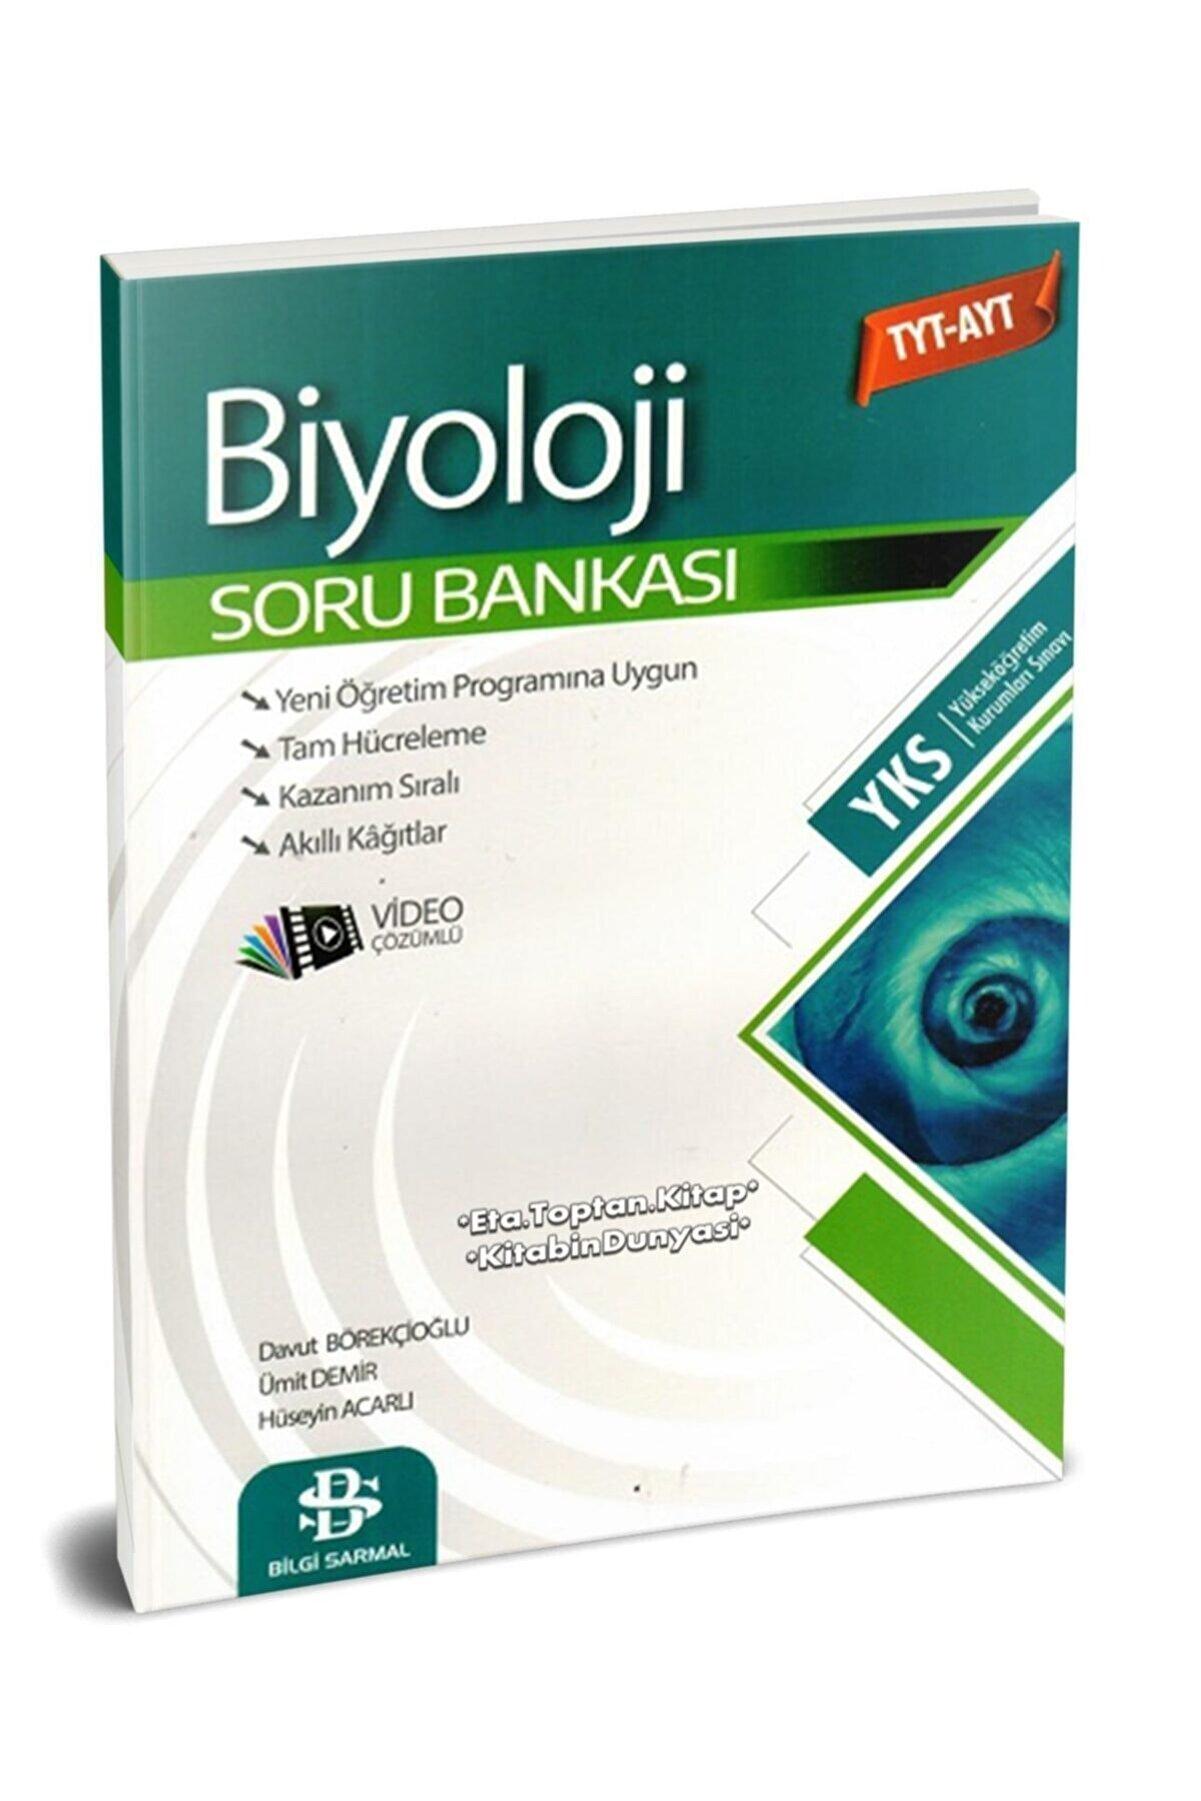 Bilgi Sarmal Yayınları Tyt Ayt Biyoloji Soru Bankası